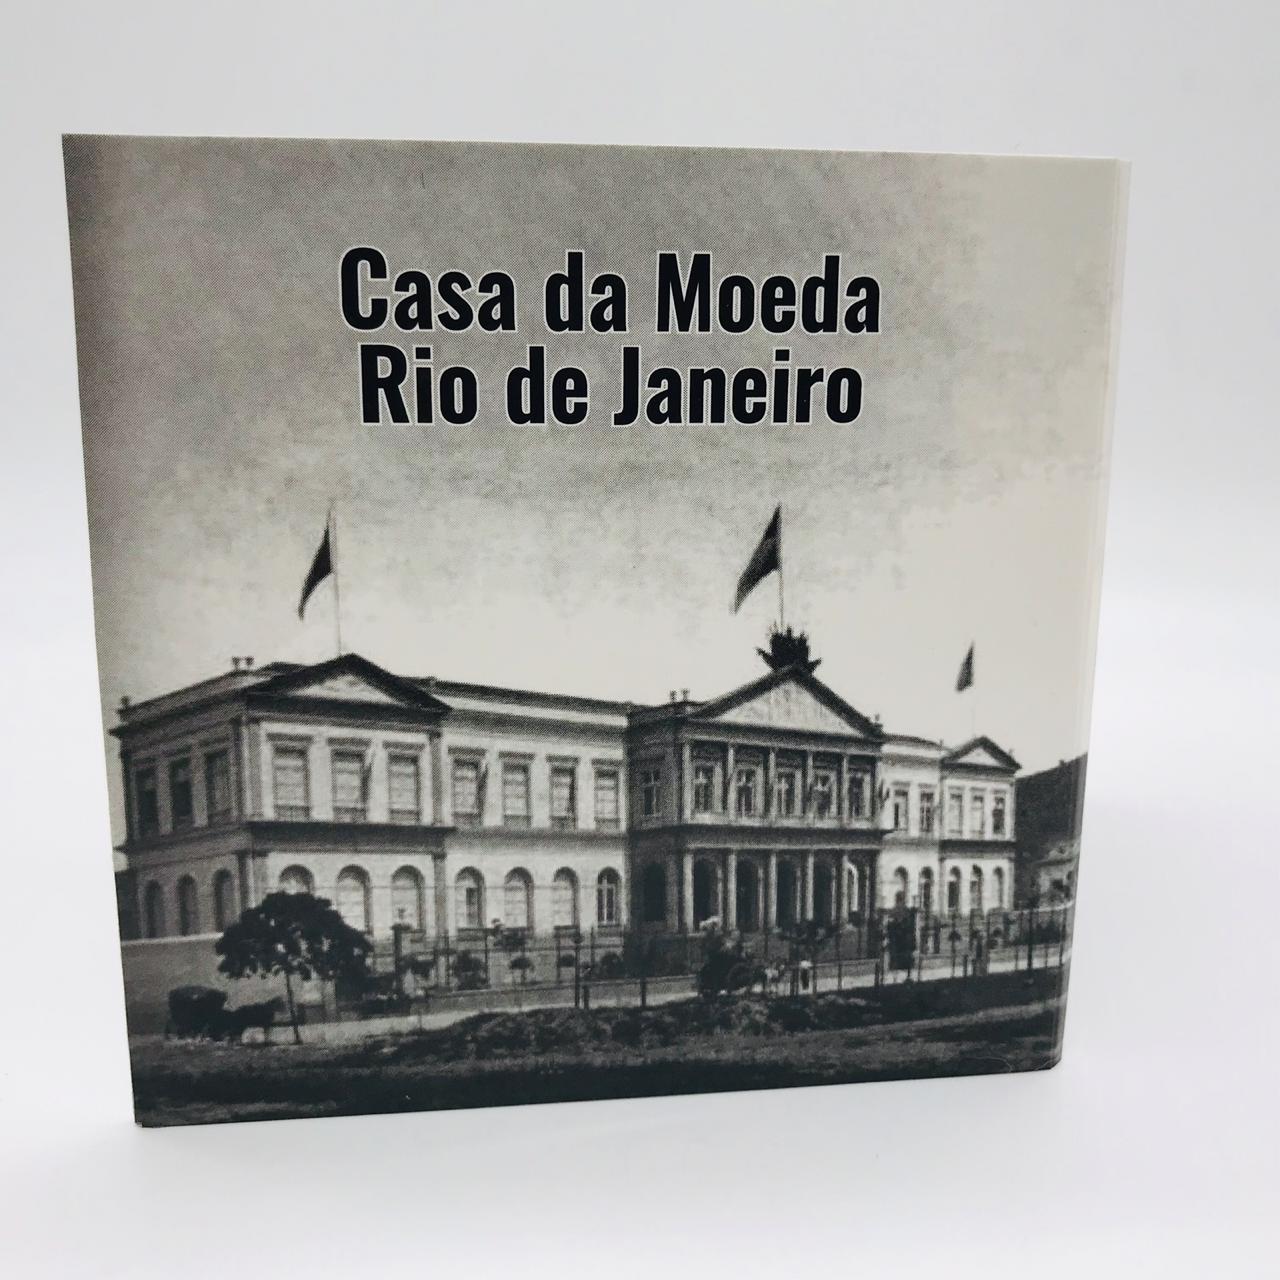 Série Réis República com 3 Moedas MBC + cartela